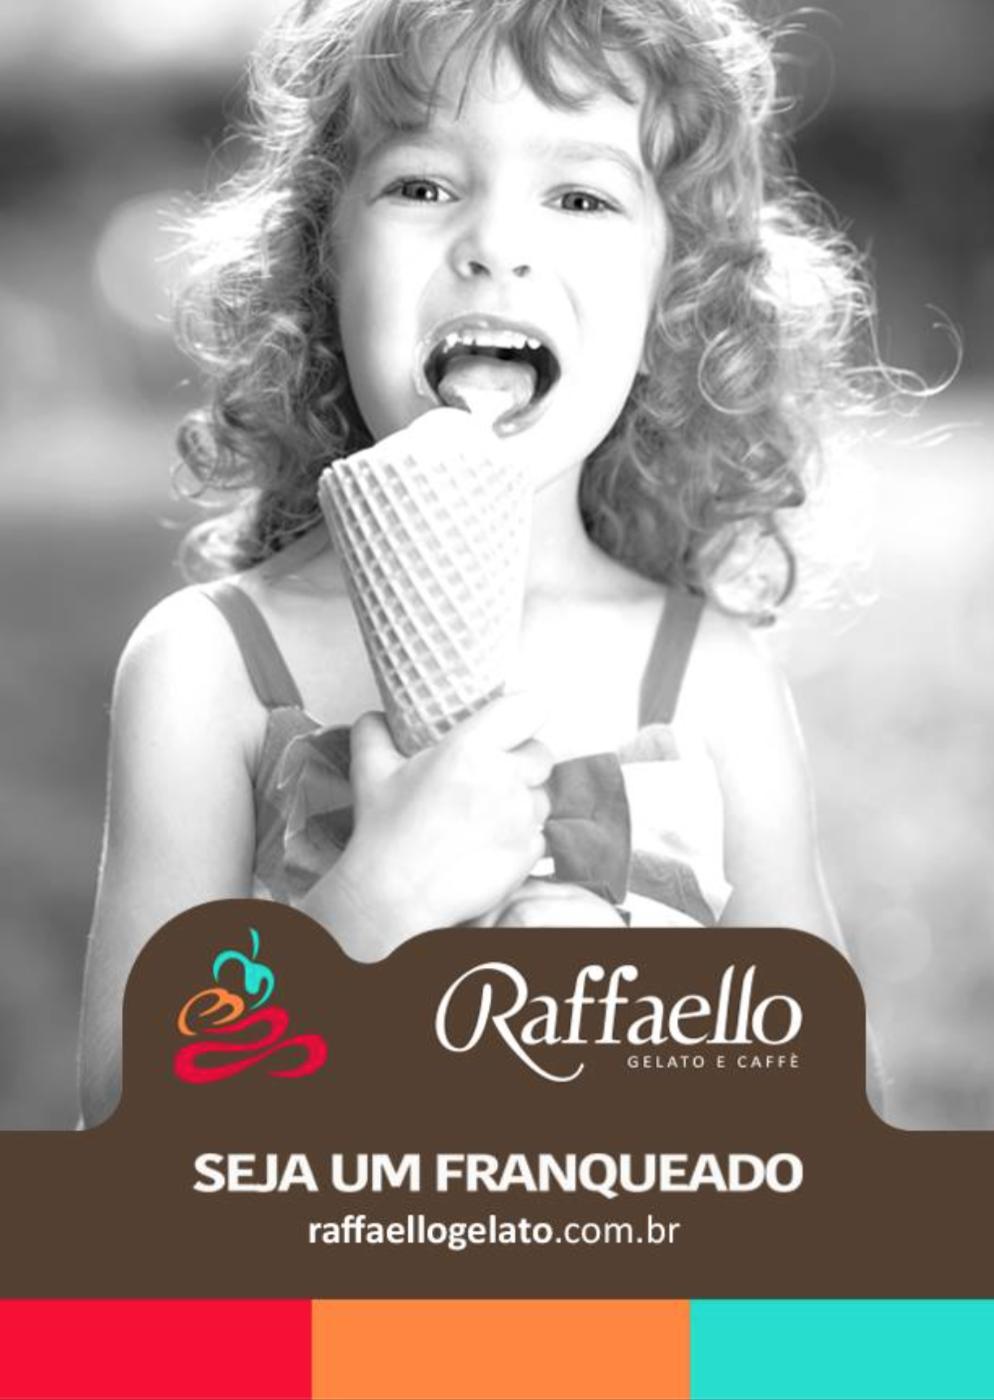 franquia, melhor franquia, melhores franquias, novas franquias, gelateria, sorveteria, chiquinho sorvetes, sorbet